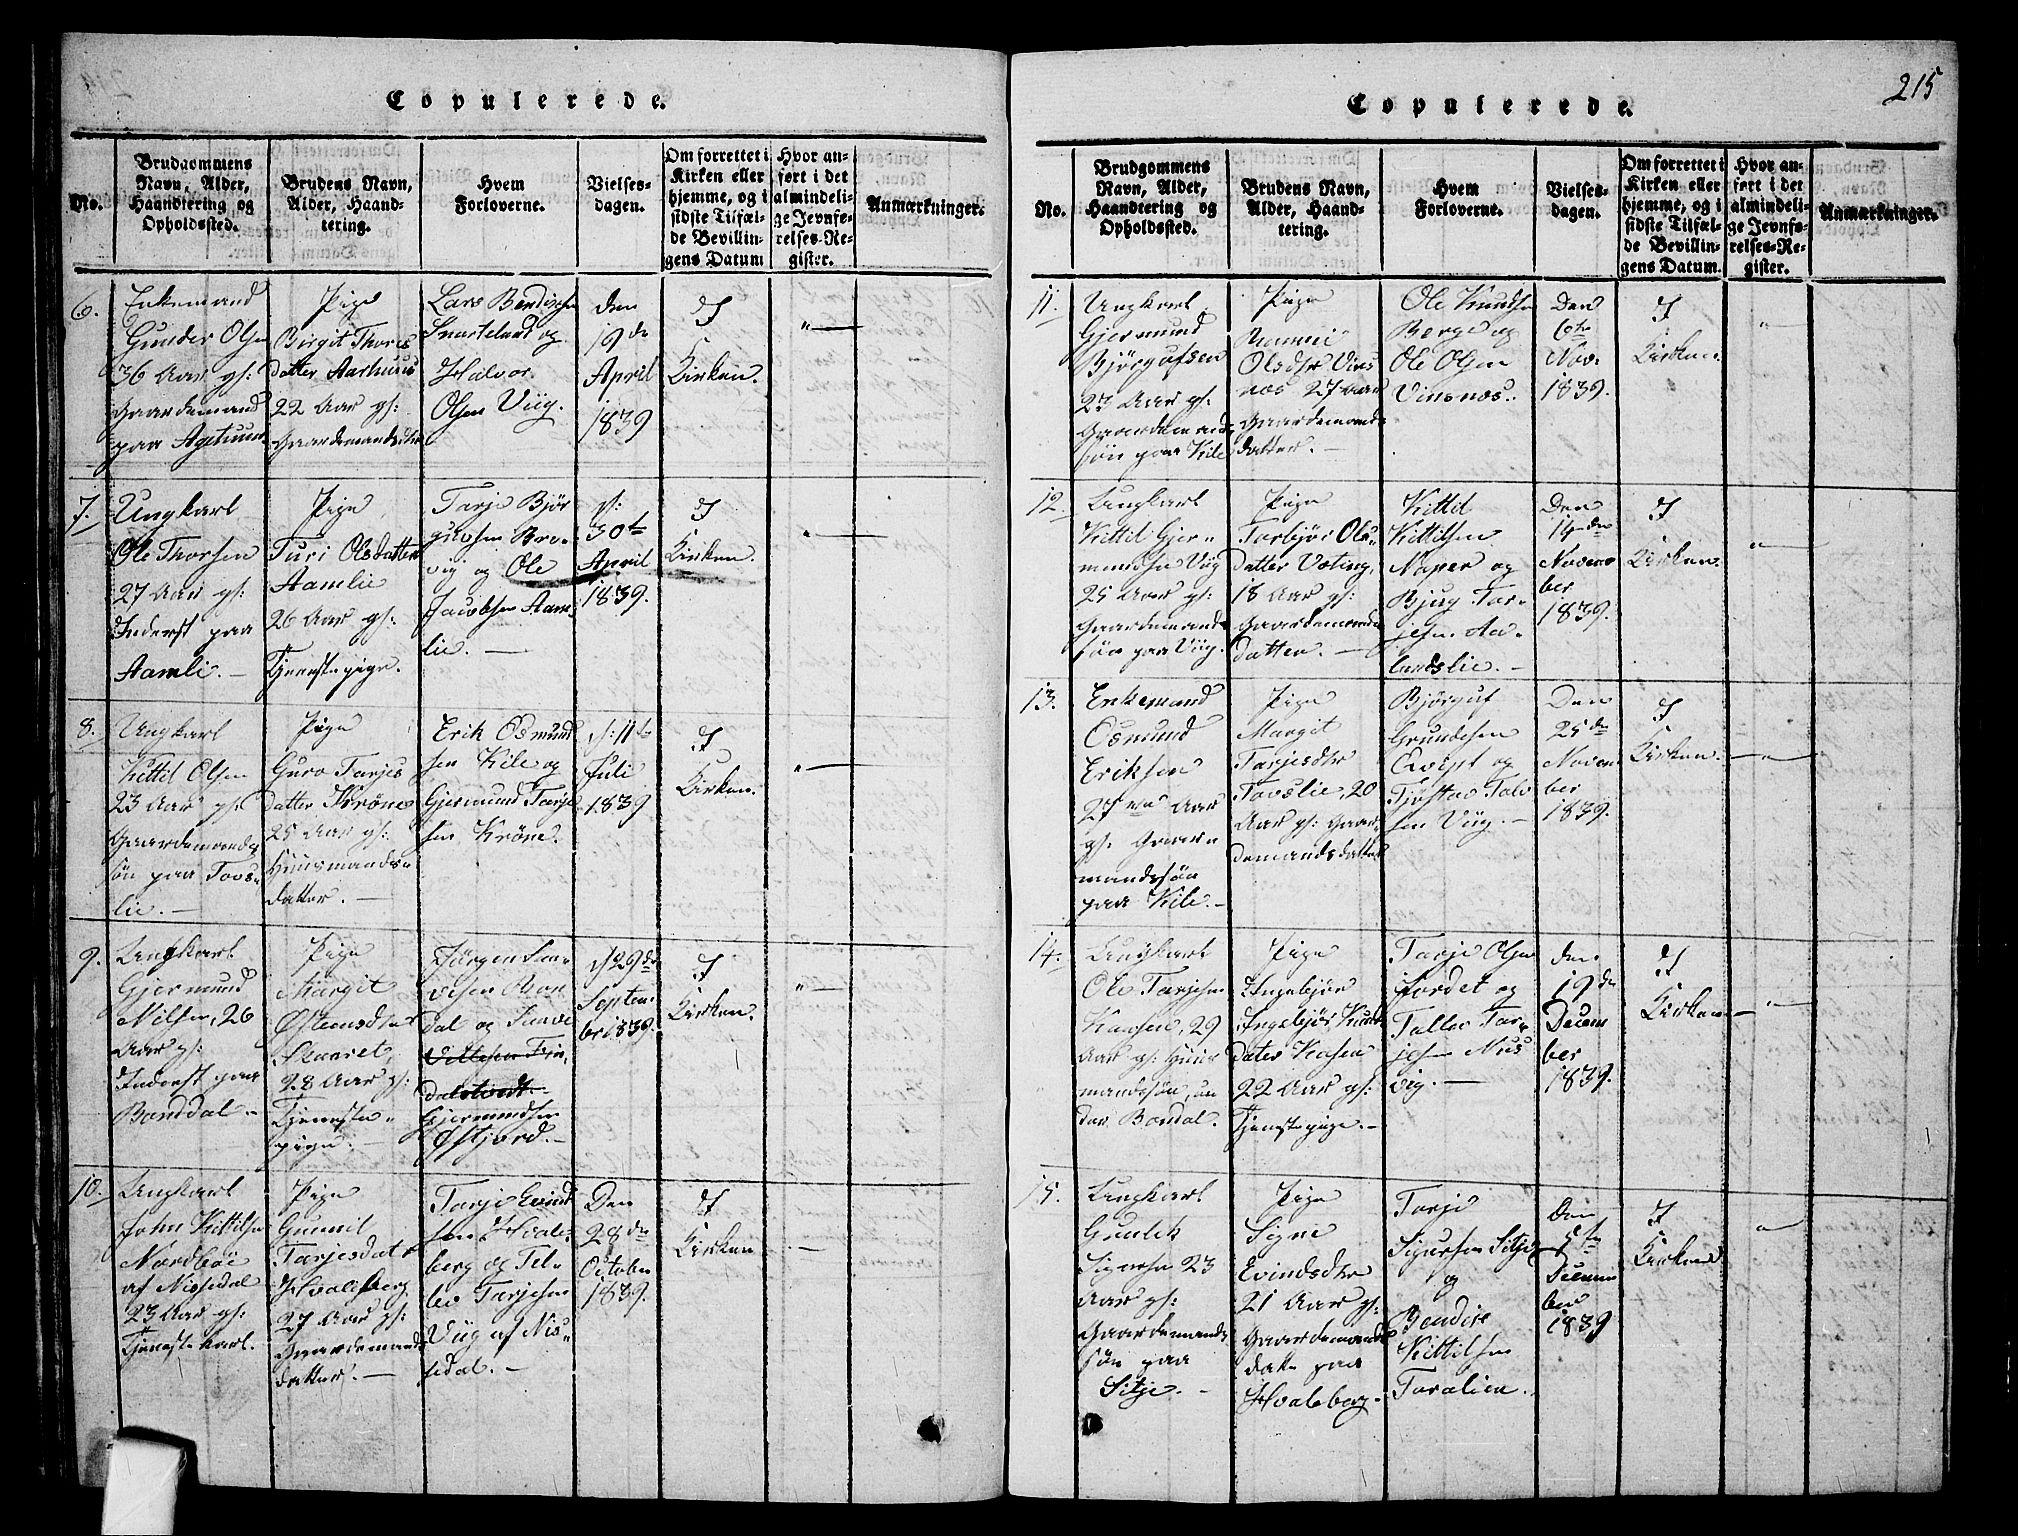 SAKO, Fyresdal kirkebøker, G/Ga/L0001: Klokkerbok nr. I 1, 1816-1840, s. 215